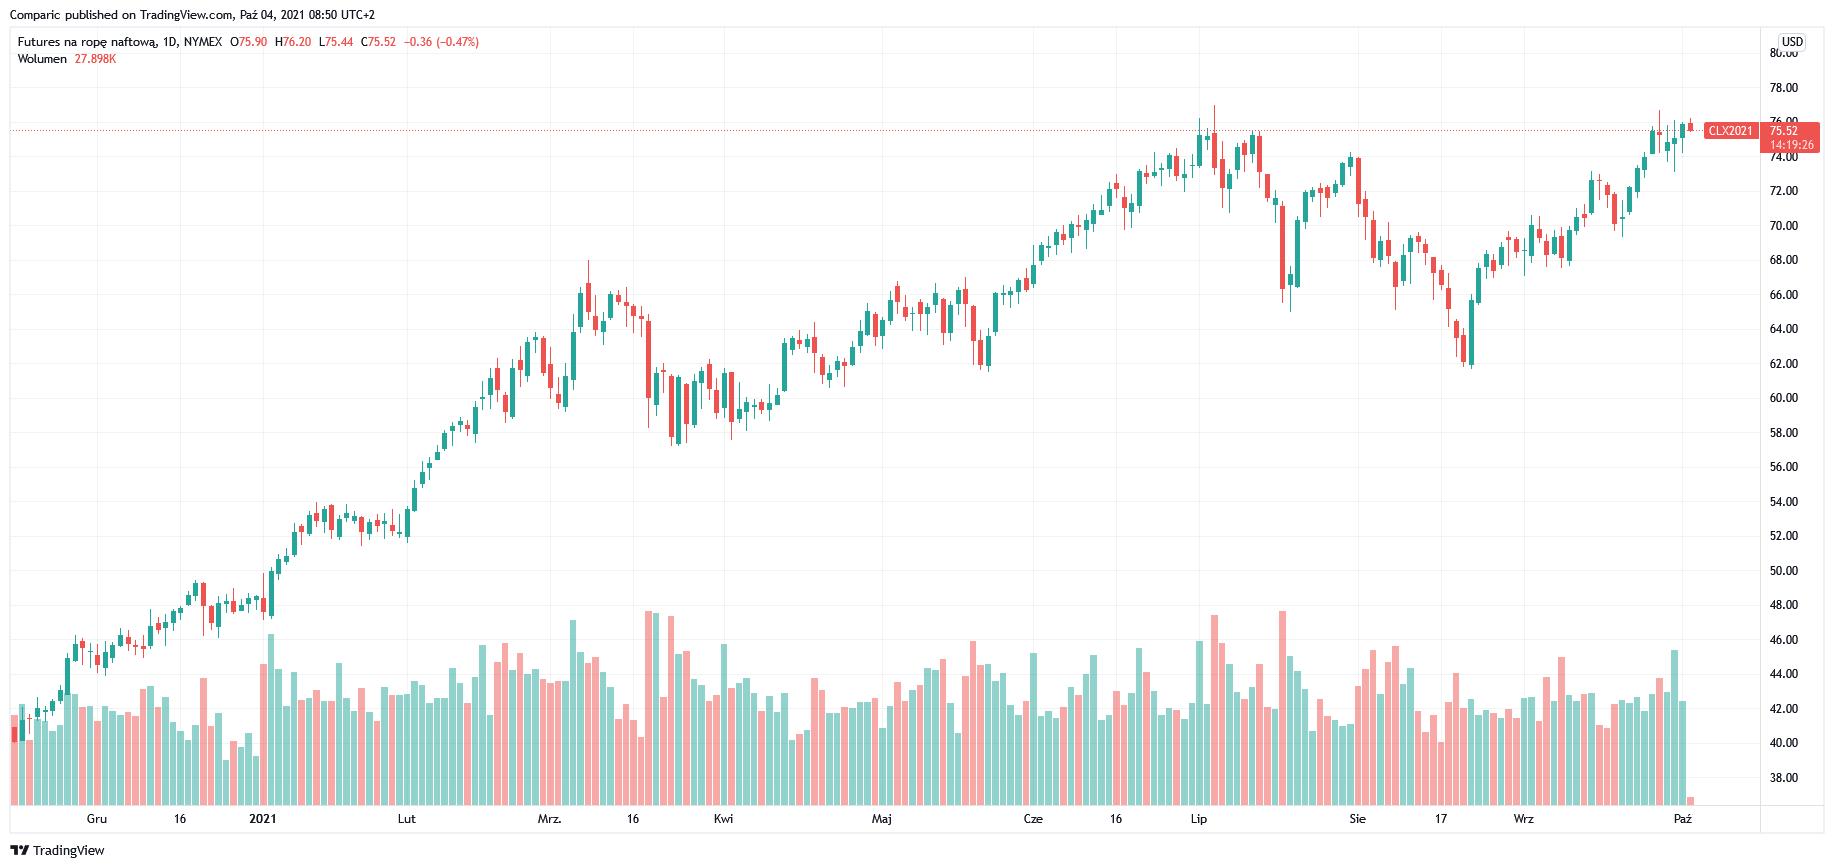 Cena ropy WTI nadal w silnym trendzie wzrostowym. Dziś decyzja OPEC+